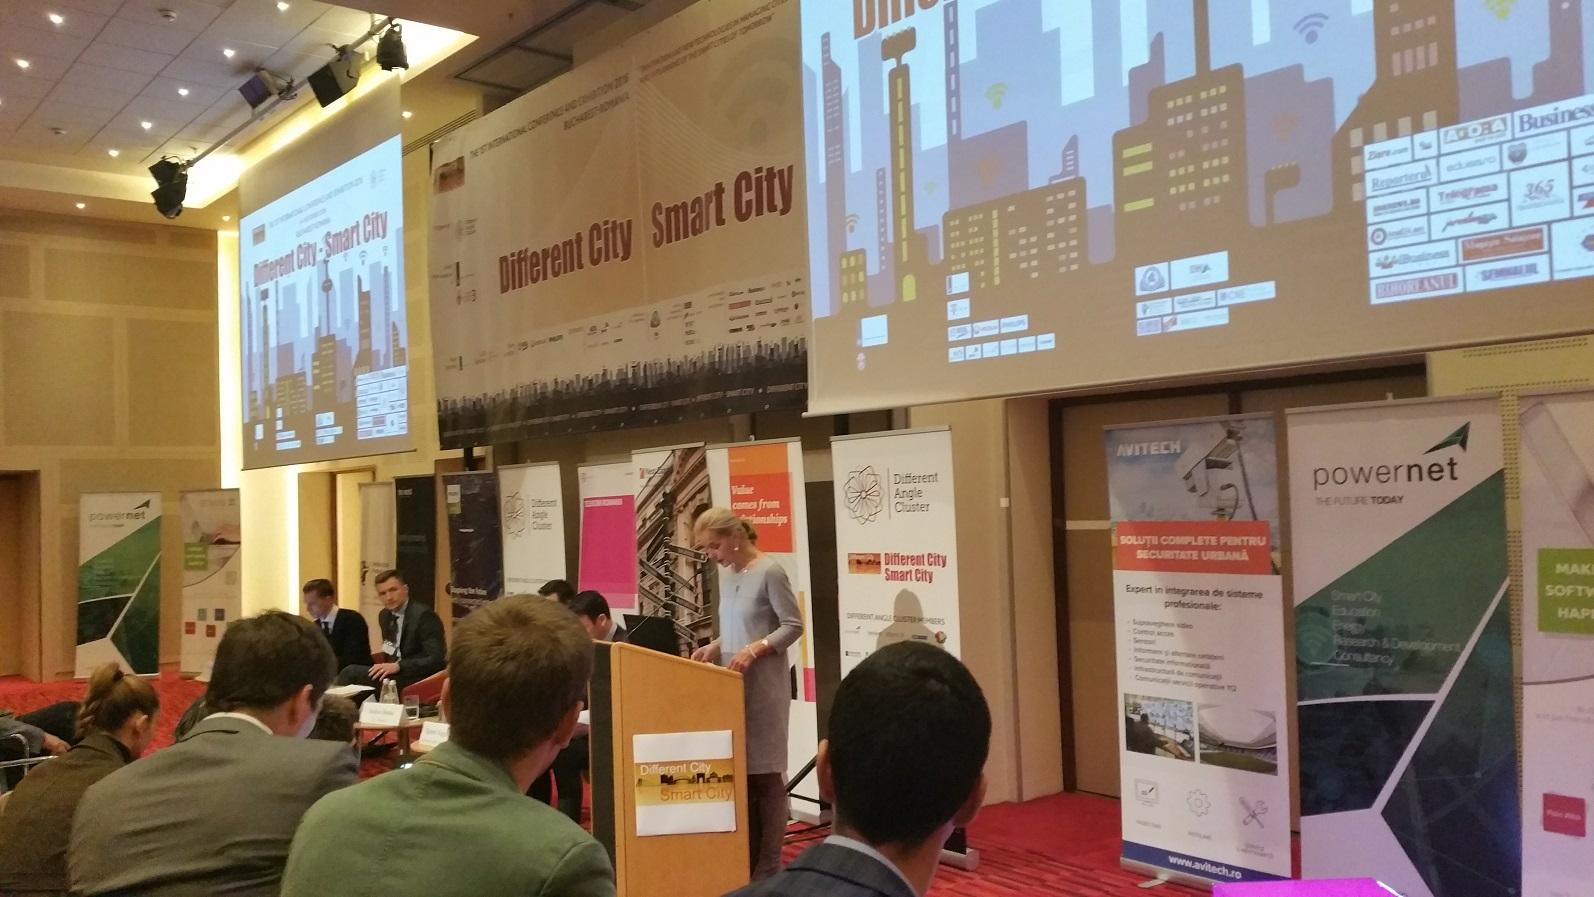 different-city-smart-city-foto-pavaza-carpatilor